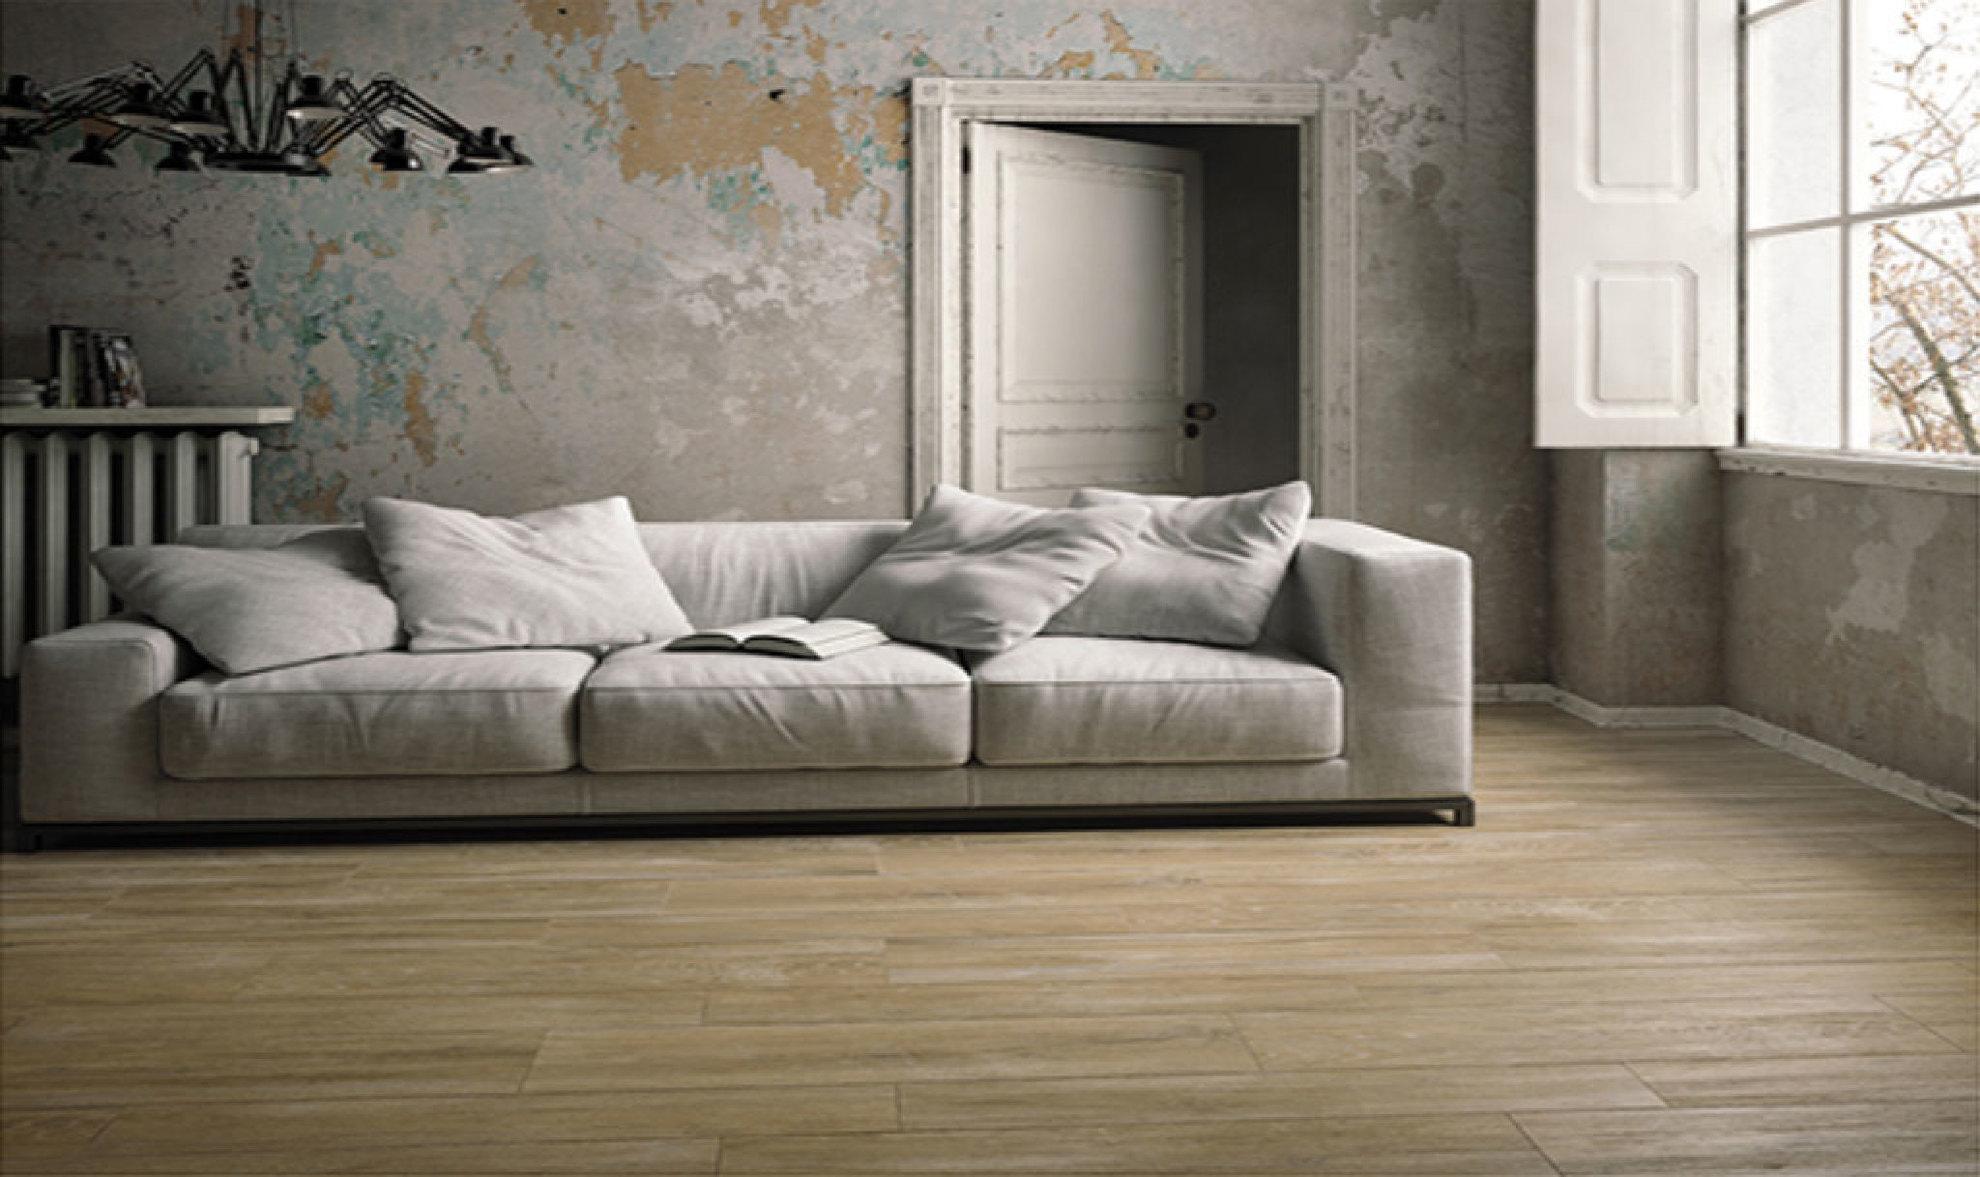 Piastrelle in gres effetto legno per ambienti interni ed esterni